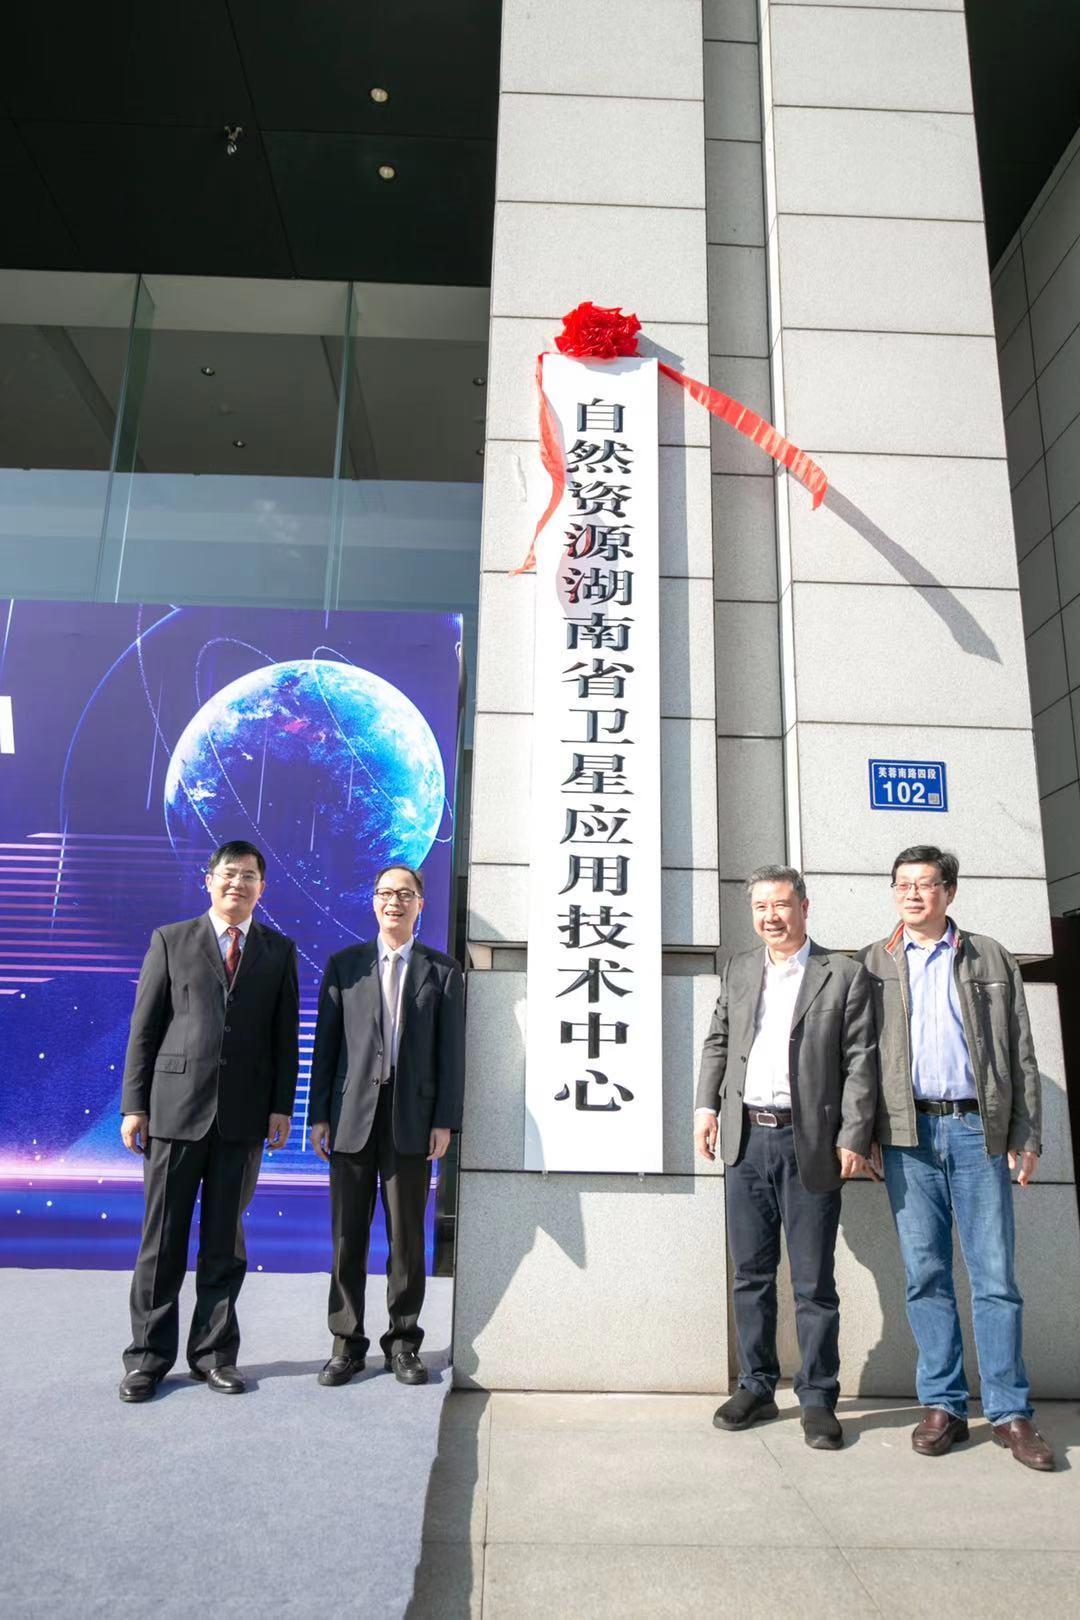 自然资源湖南省卫星应用技术中心挂牌